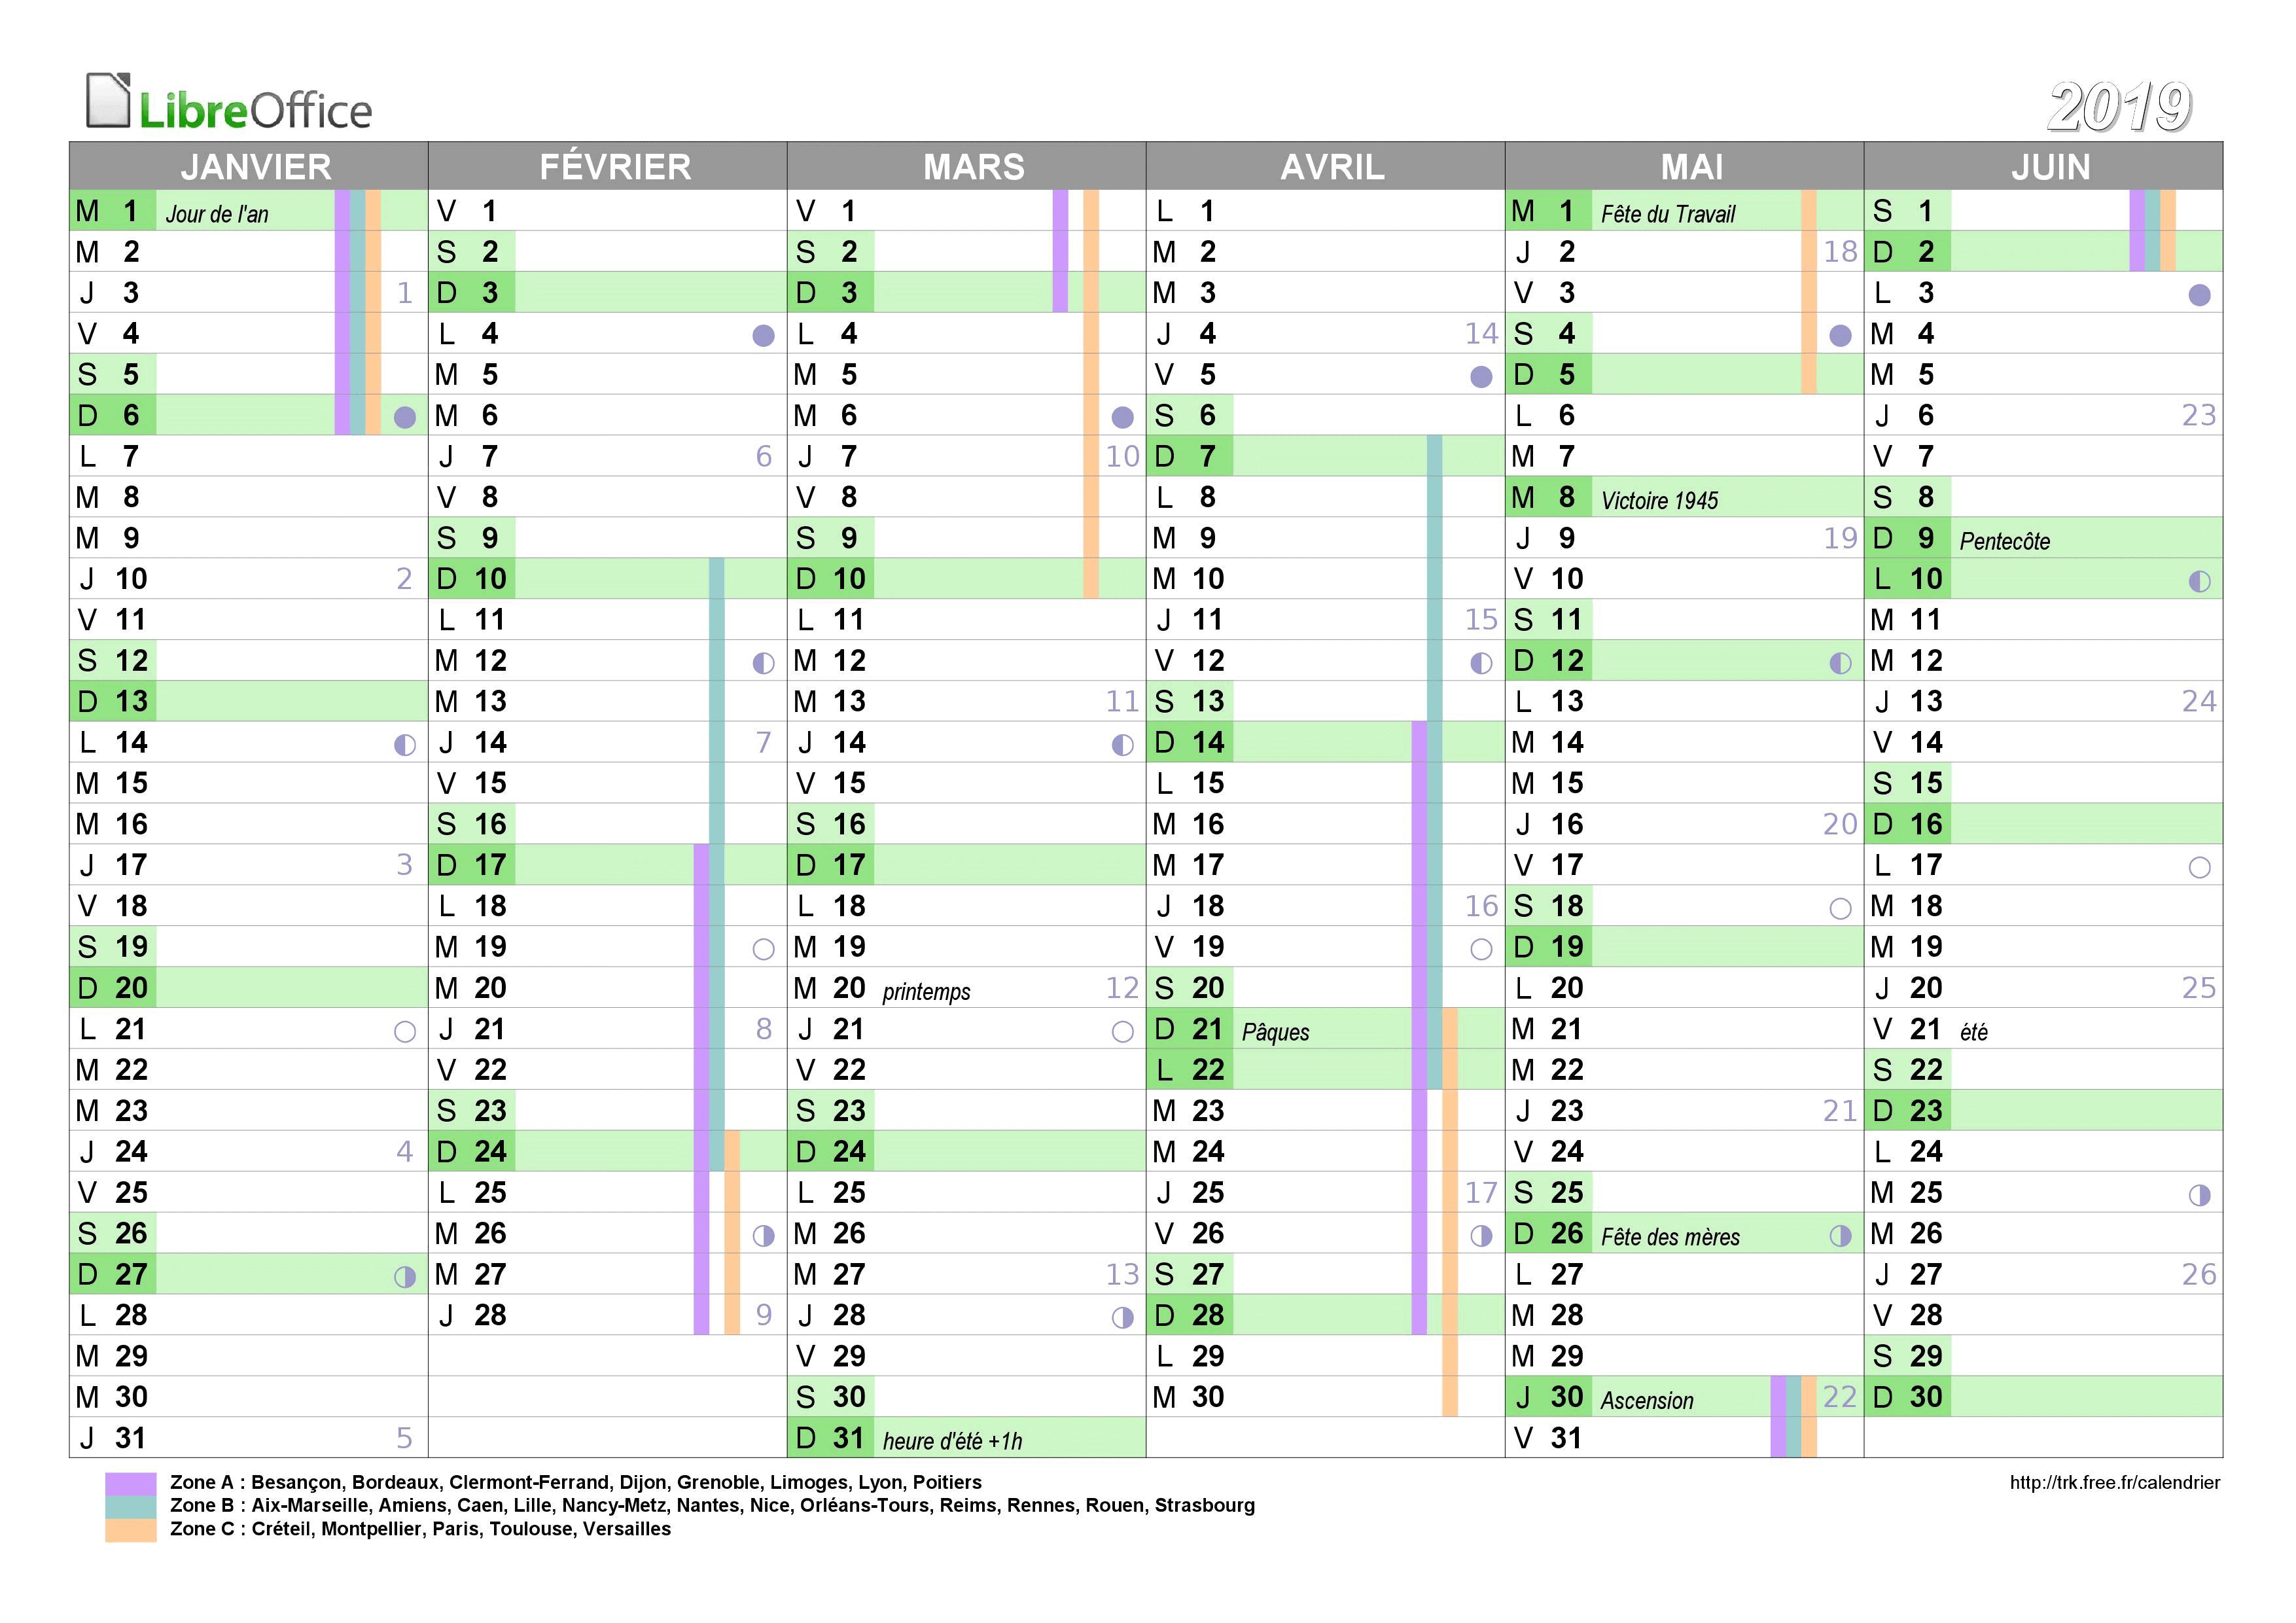 Calendrier Scolaire 2019 2020 Excel.Calendrier 2019 A Imprimer Jours Feries Vacances